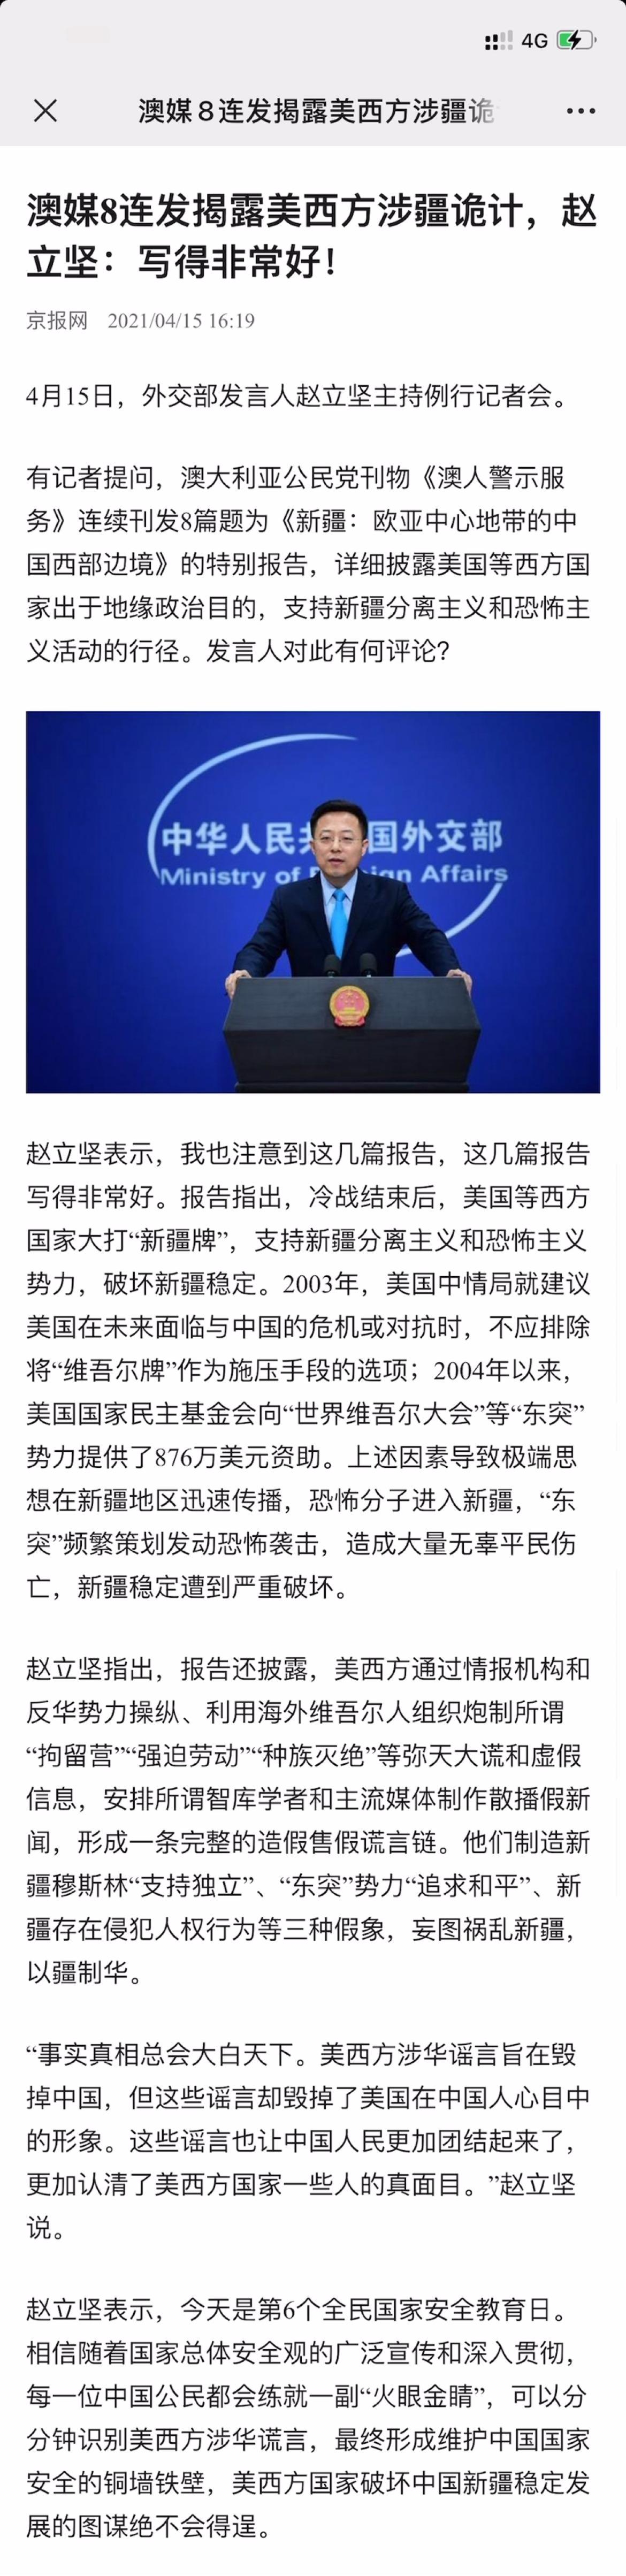 澳媒8连发揭露美西方涉新疆诡计!